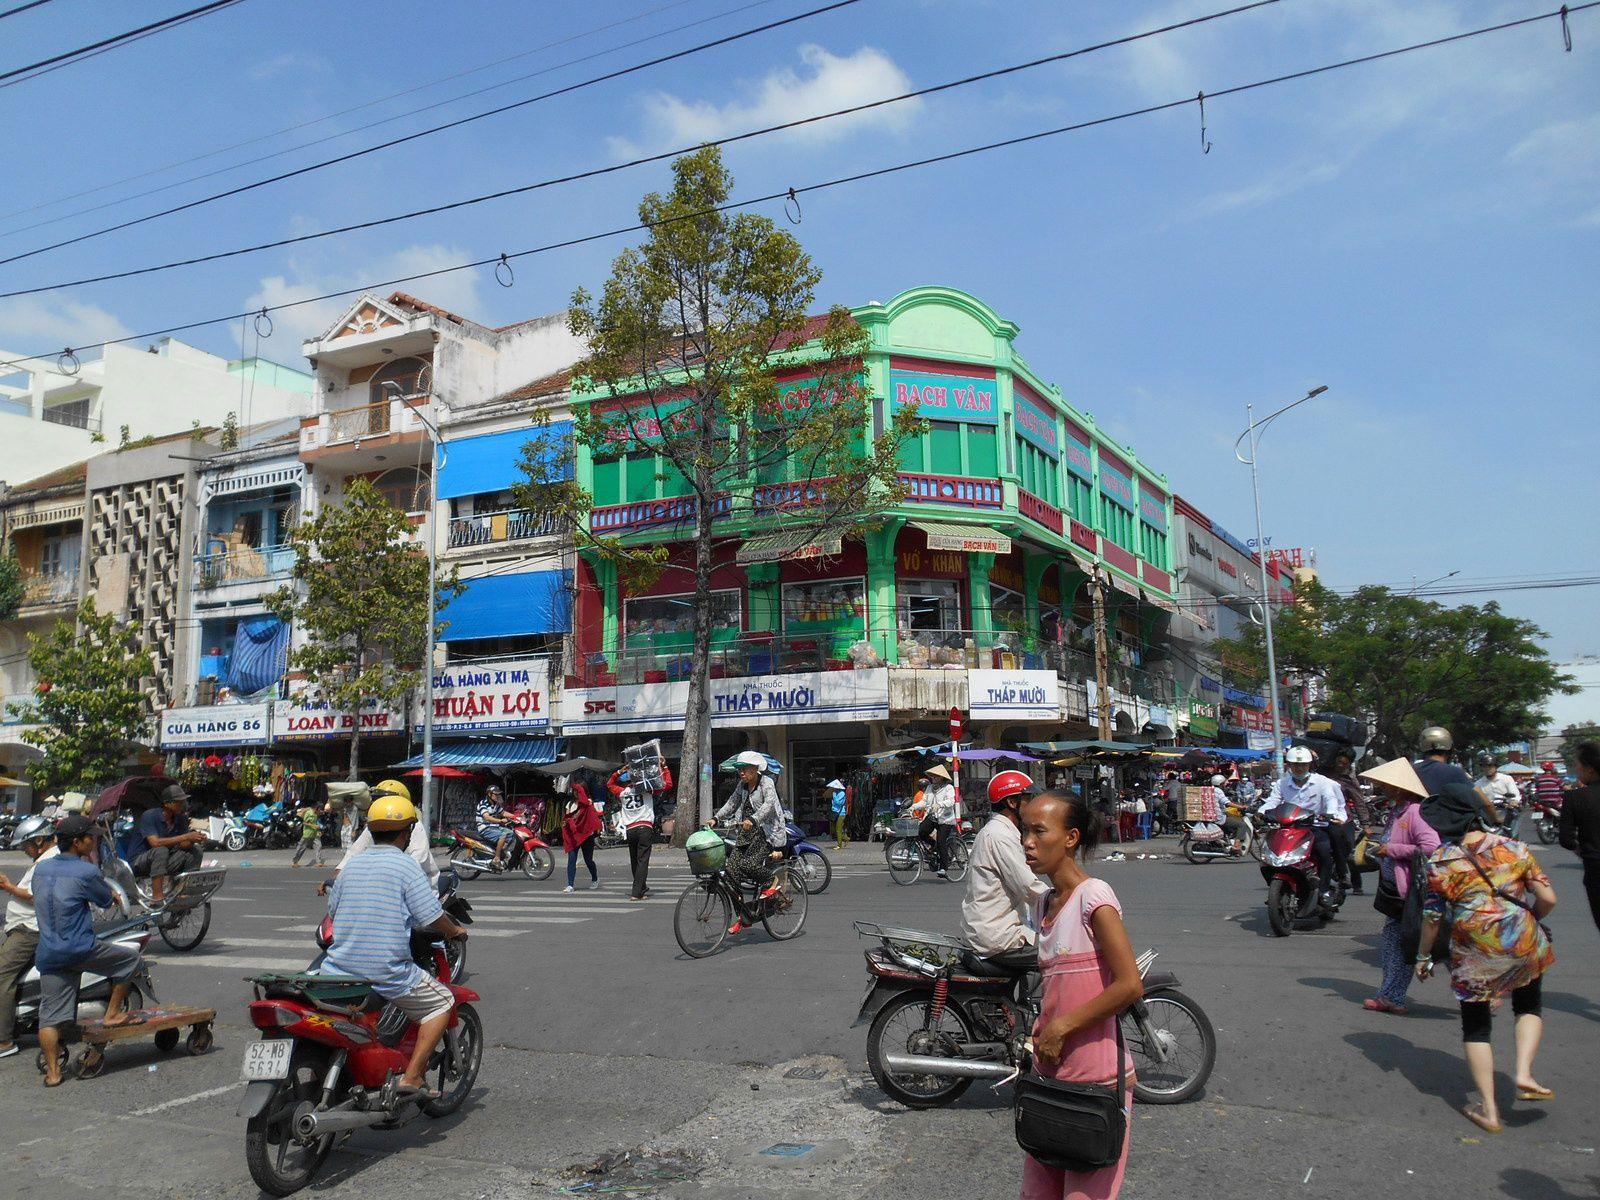 Viet Nam: 1er jour- Découverte de Ho-Chi-Minh Ville